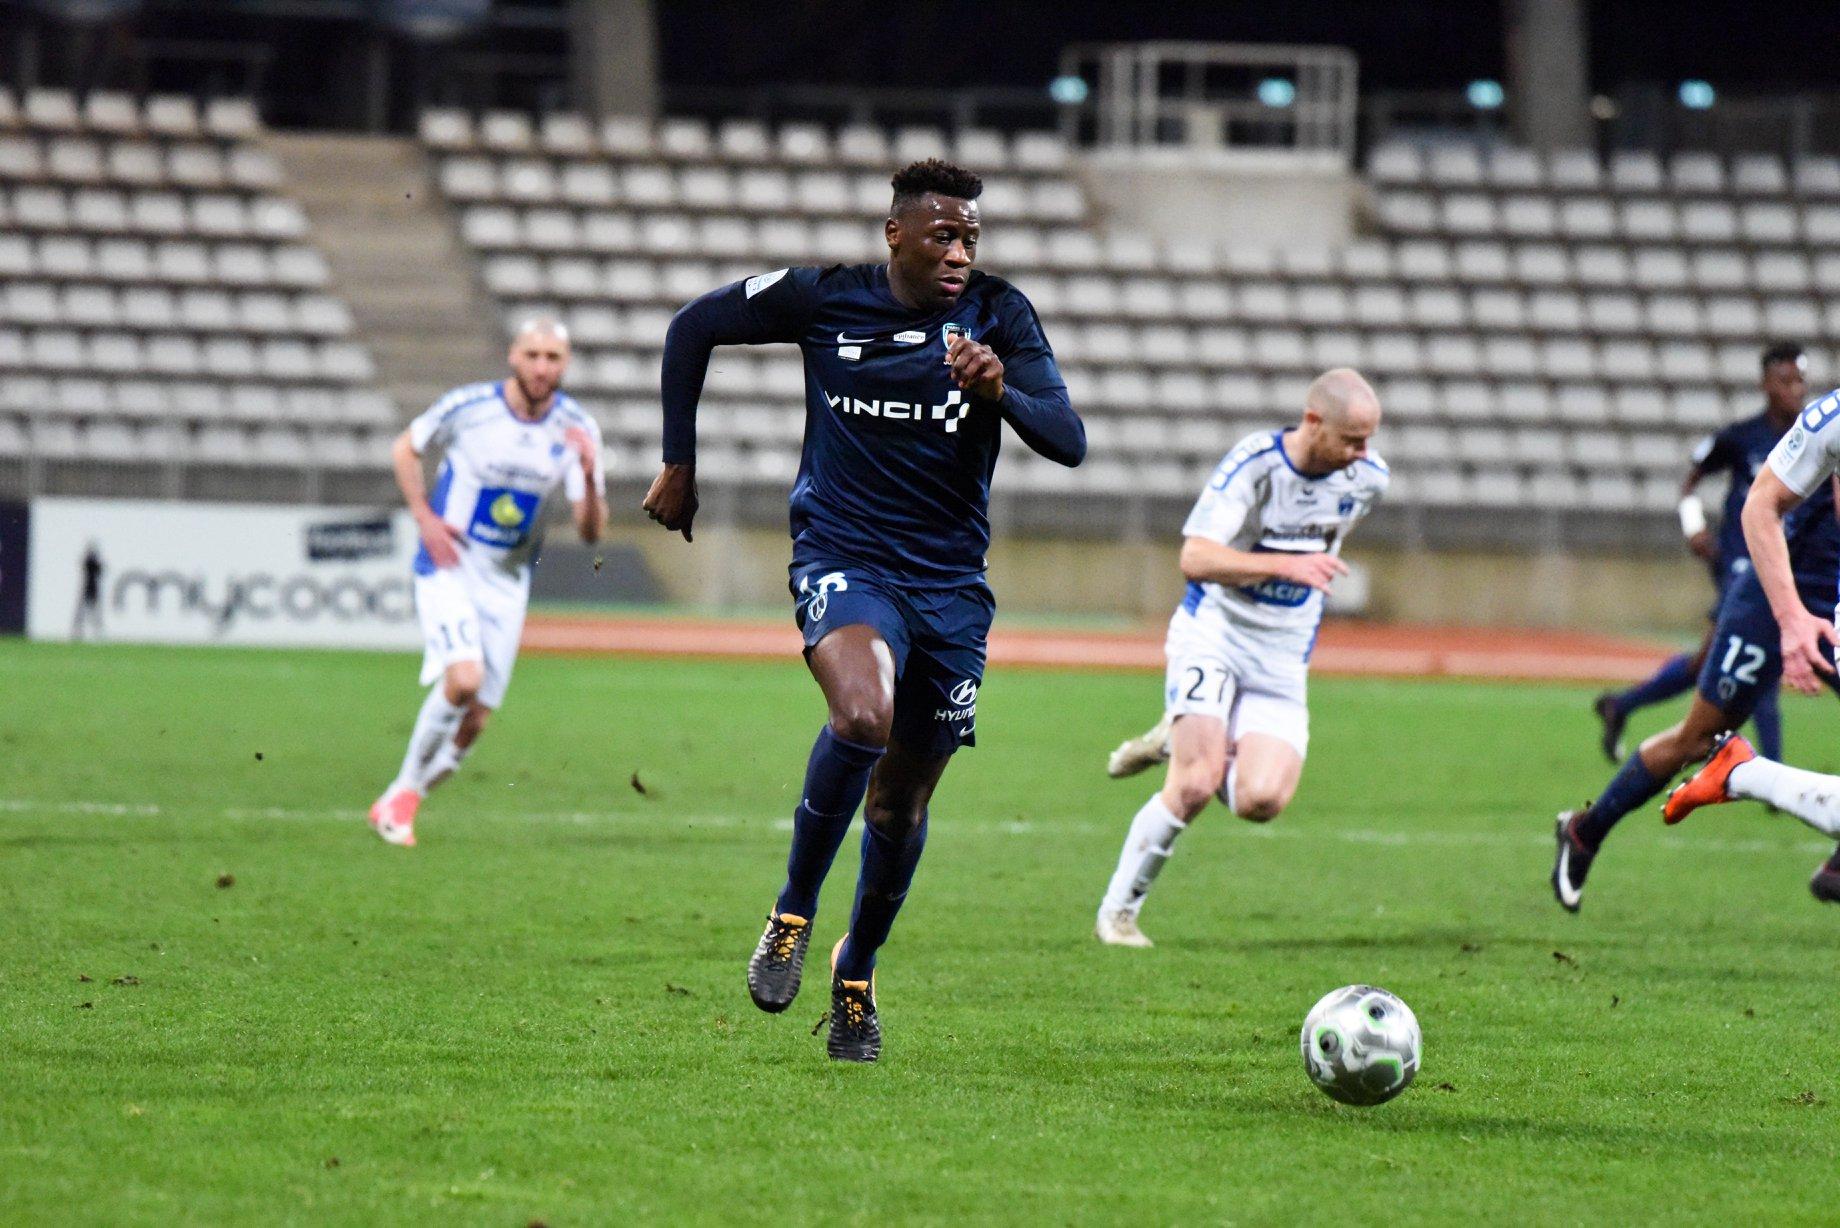 Paris FC-Clermont 4 dicembre: si gioca per la 17 esima giornata della Serie B francese. Gli ospiti cercano il sorpasso sui parigini.